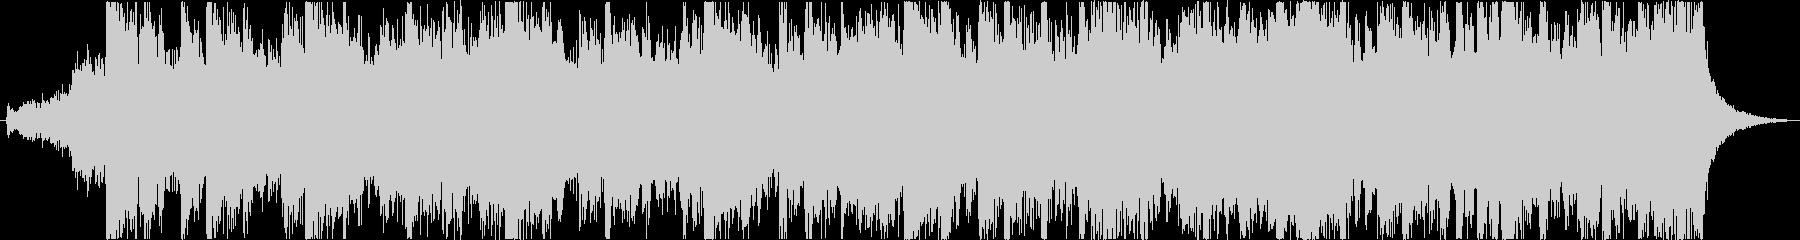 感動シネマティックエピックオーケストラdの未再生の波形